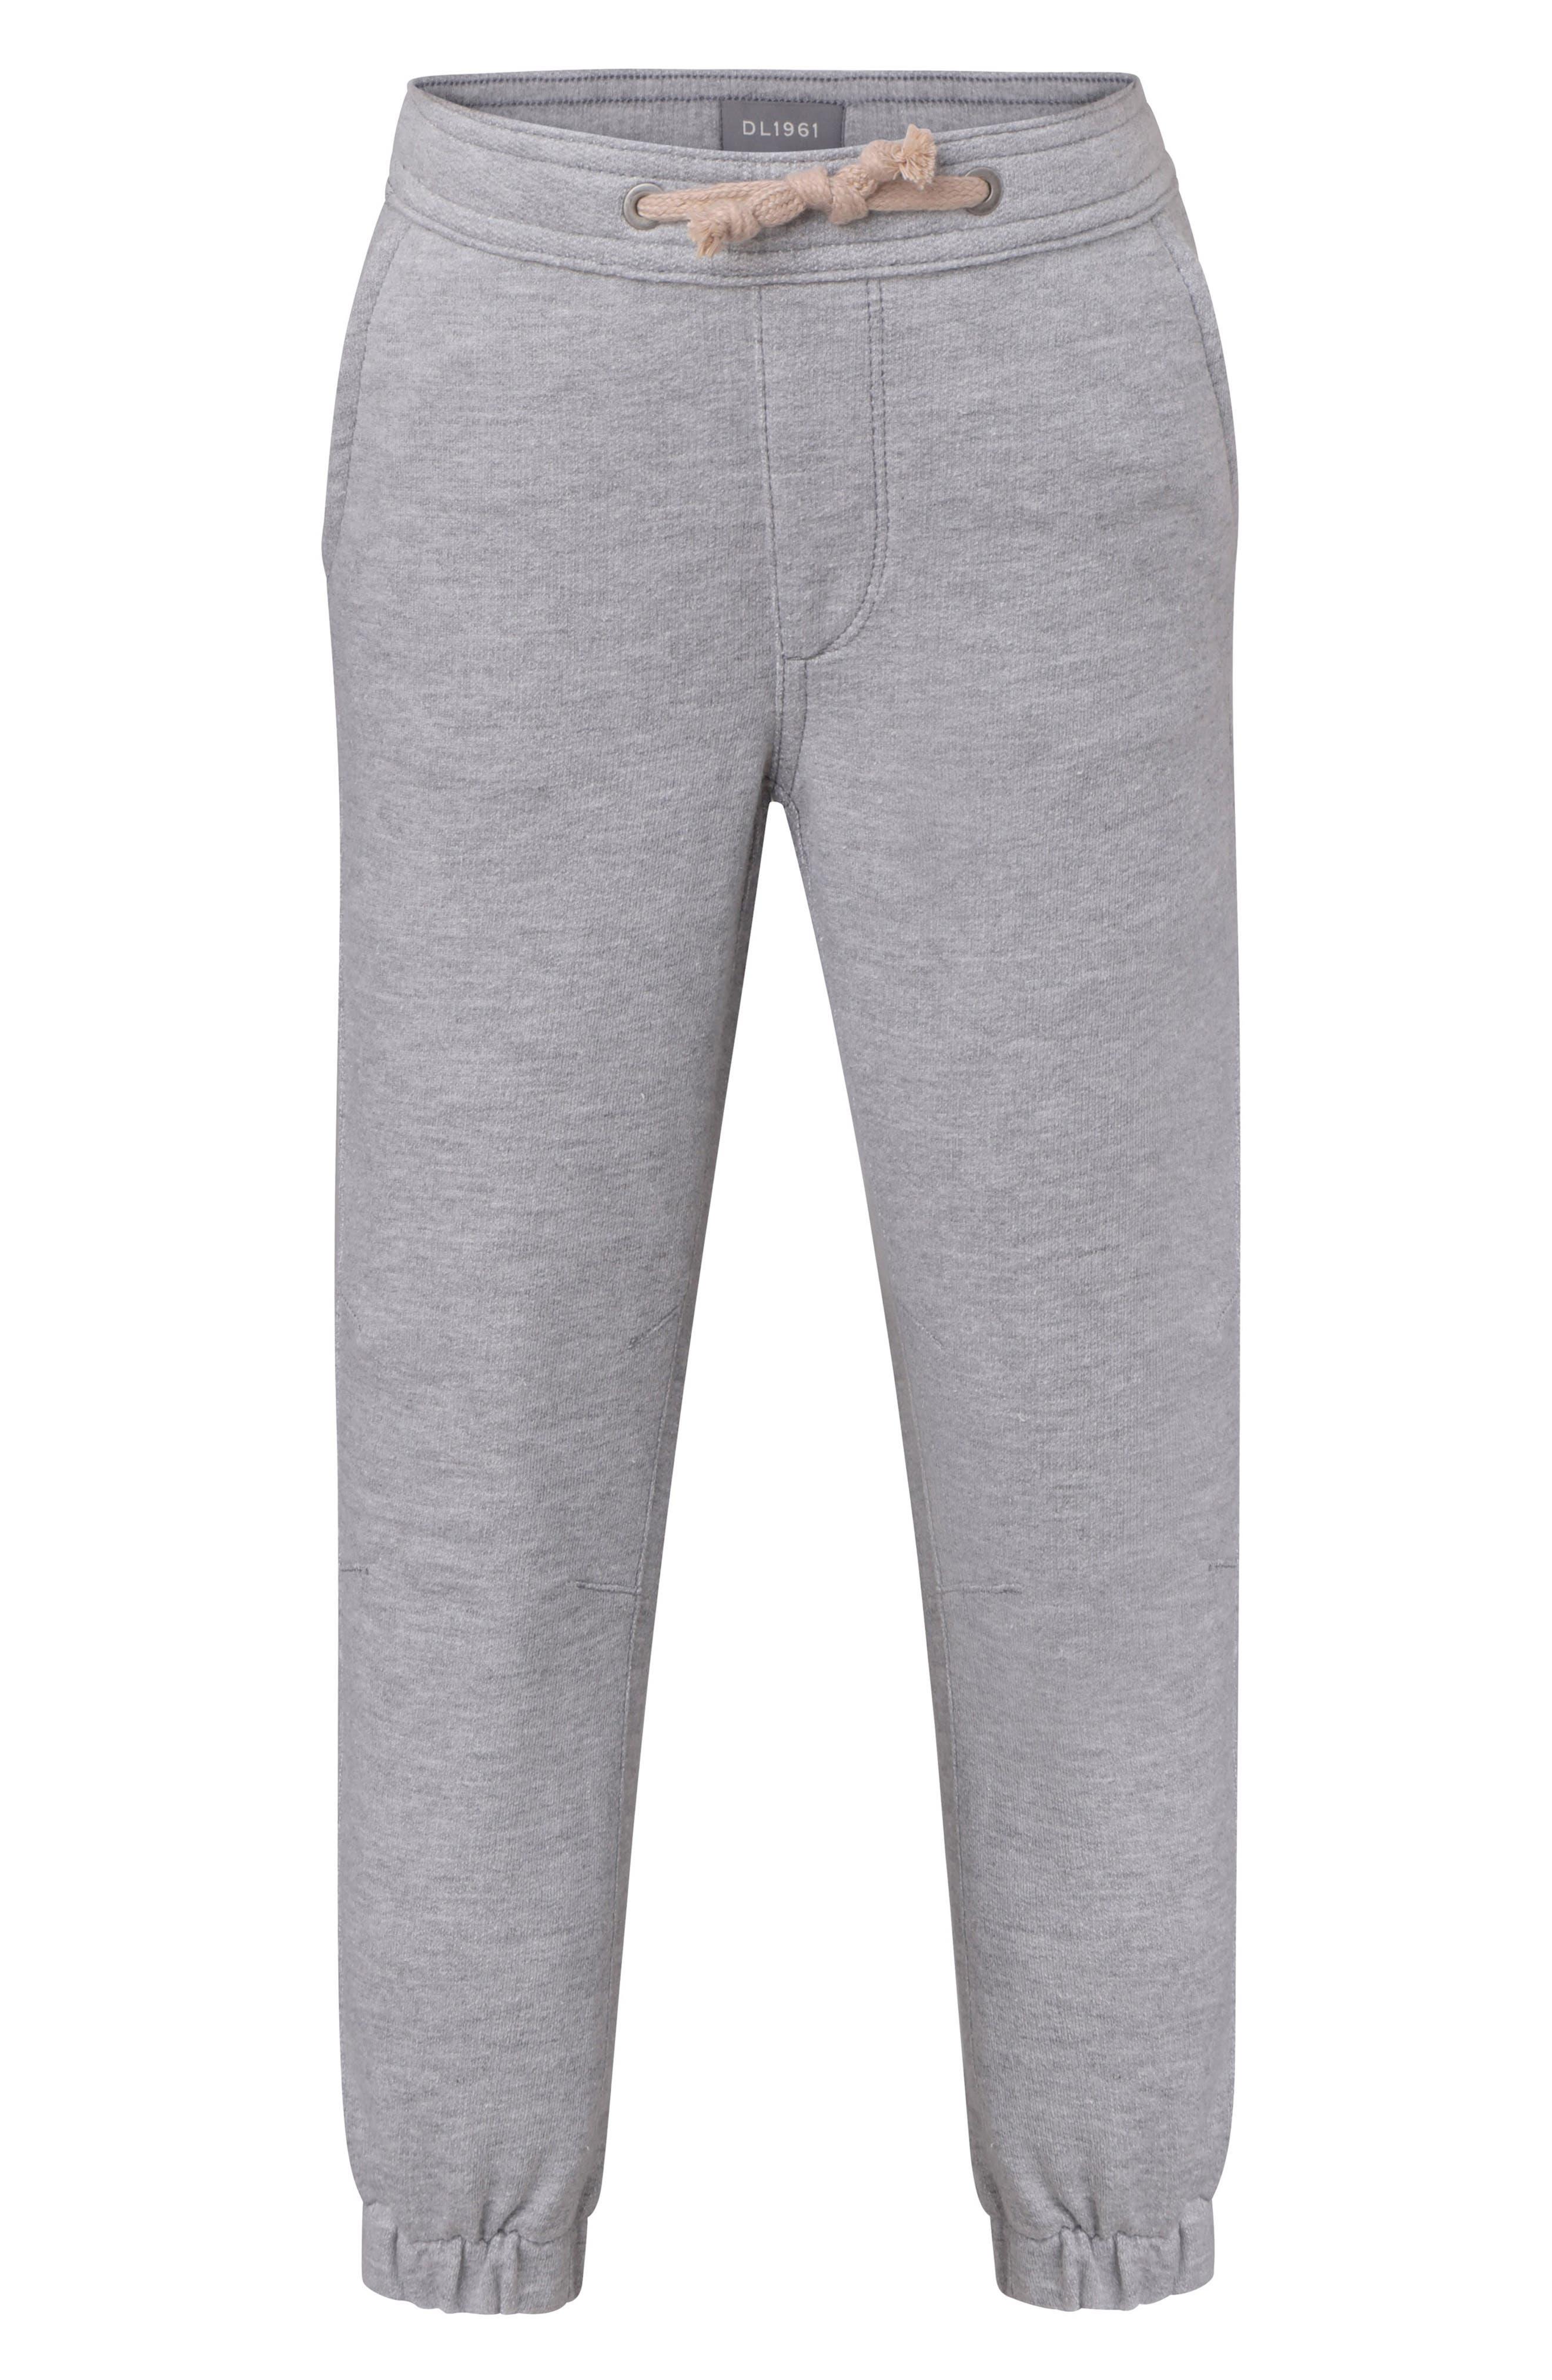 DL1961 Cotton Blend Sweatpants, Main, color, RACER